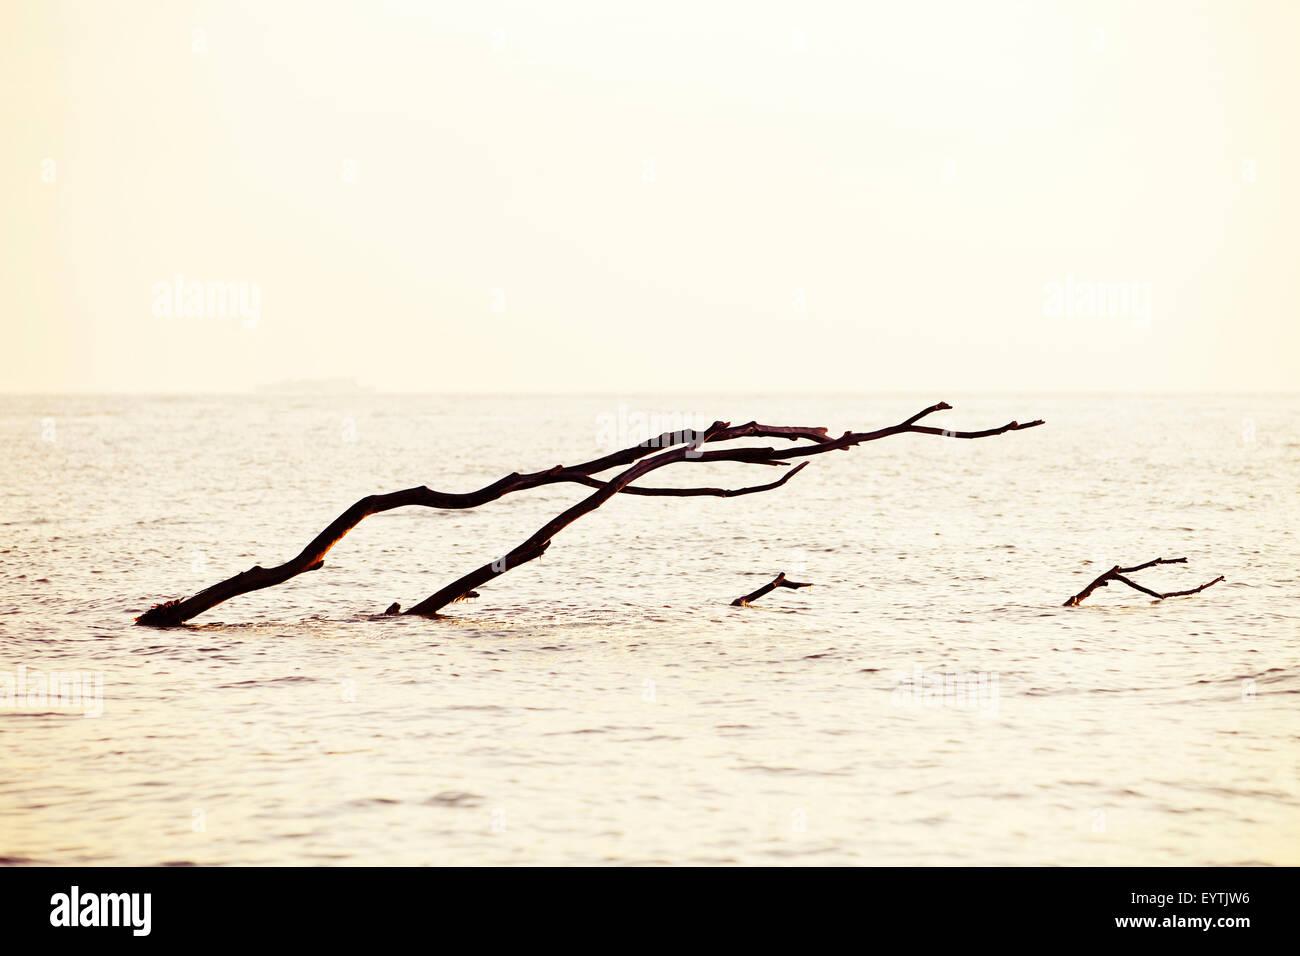 En mer d'arbres gisants, paquebot de ligne à l'horizon Photo Stock